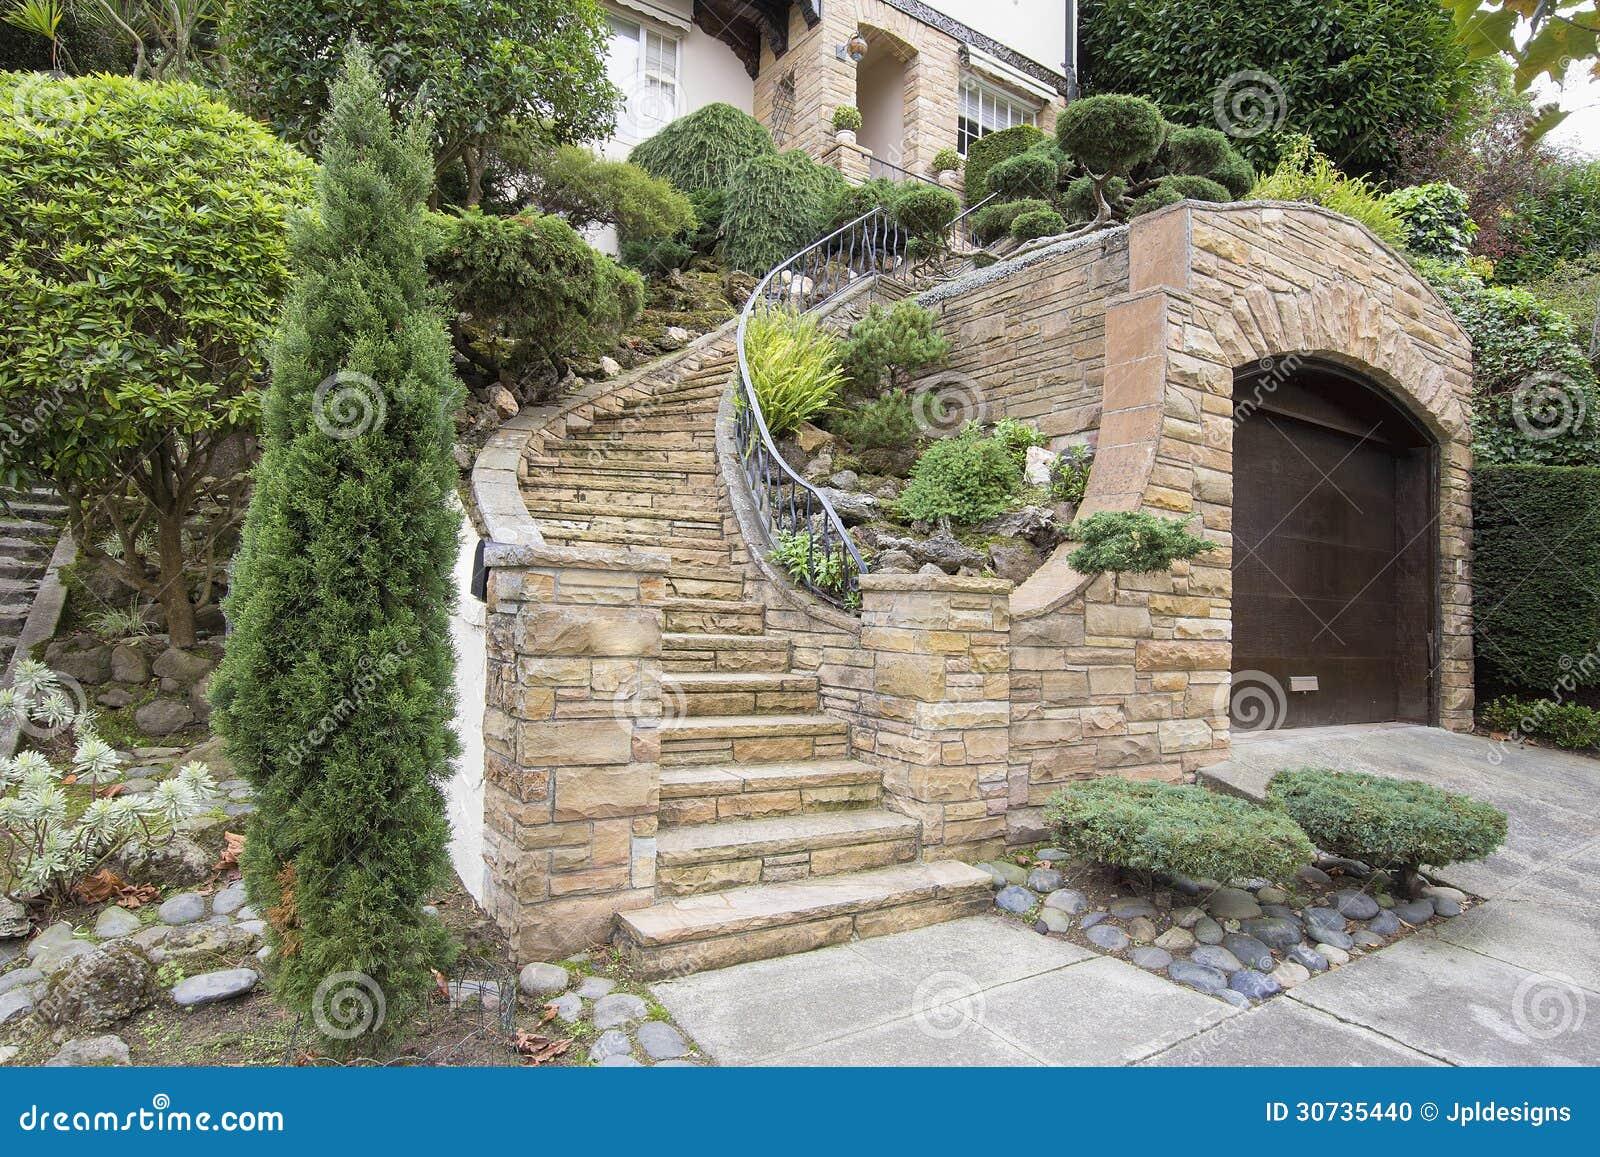 Fachada de piedra de la chapa en exterior del hogar foto - Piedra fachada exterior ...